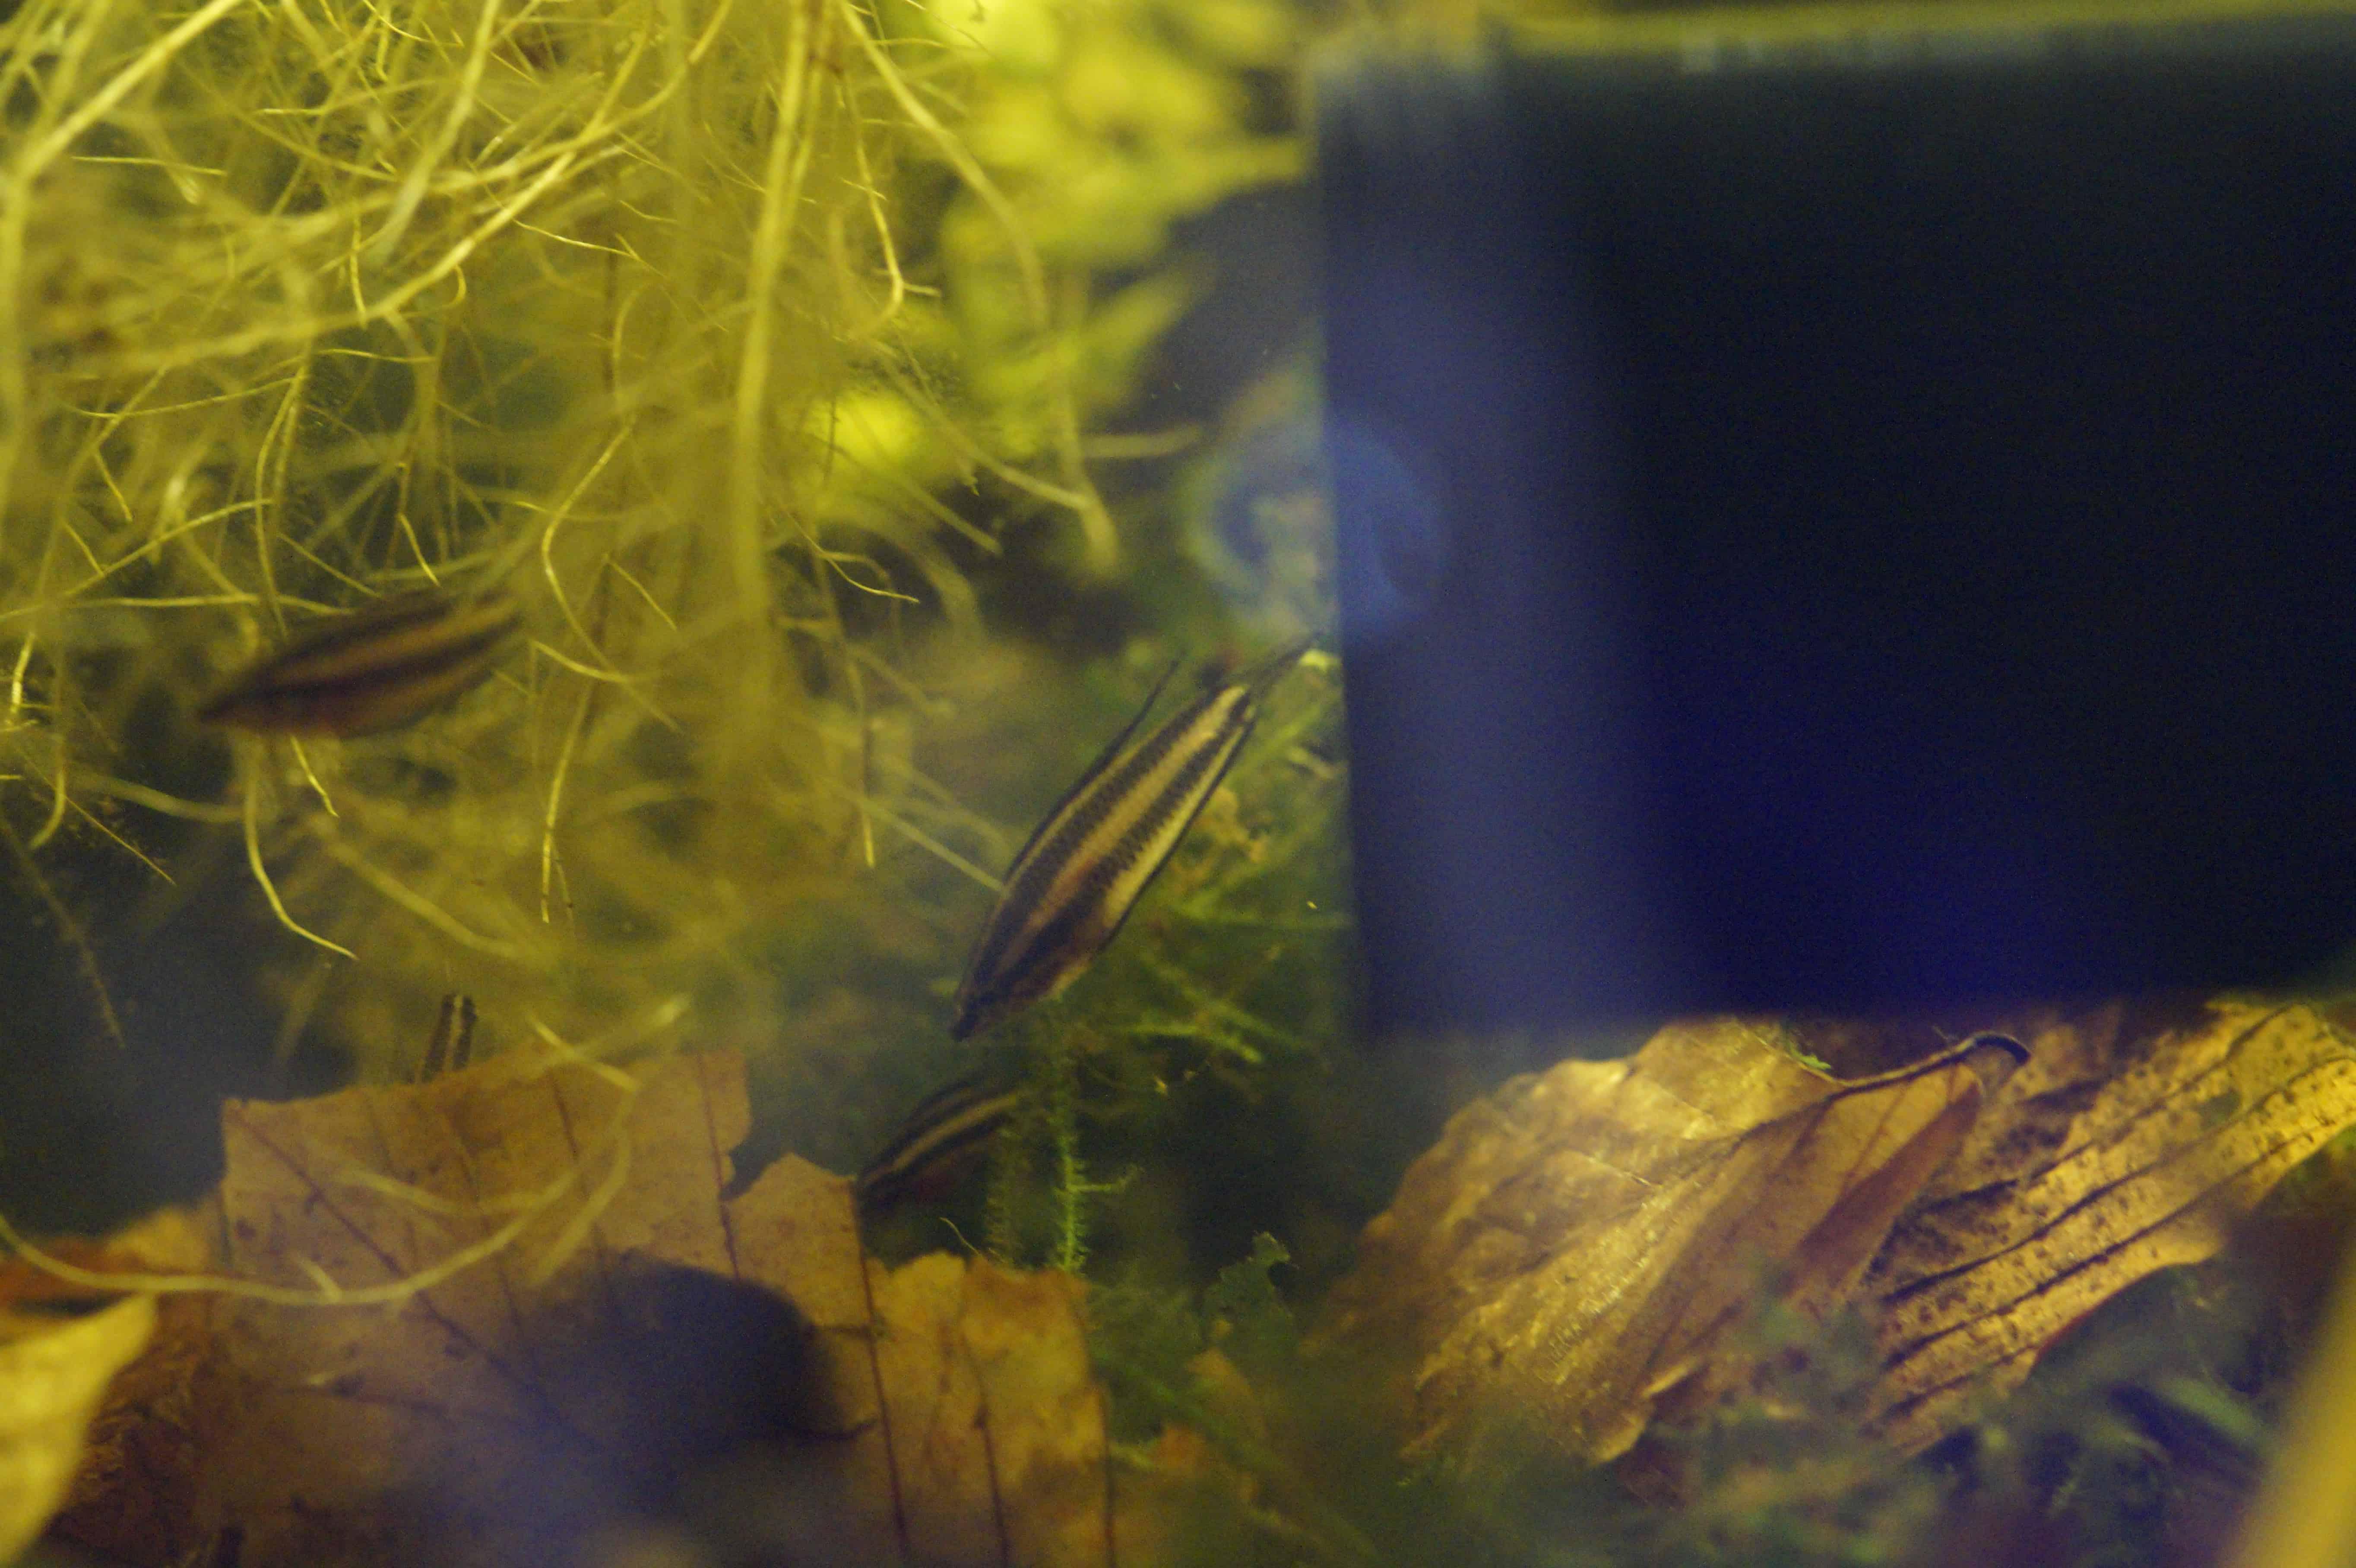 werden die P. phoenicurus auch so langsam zum Schwarmfisch?